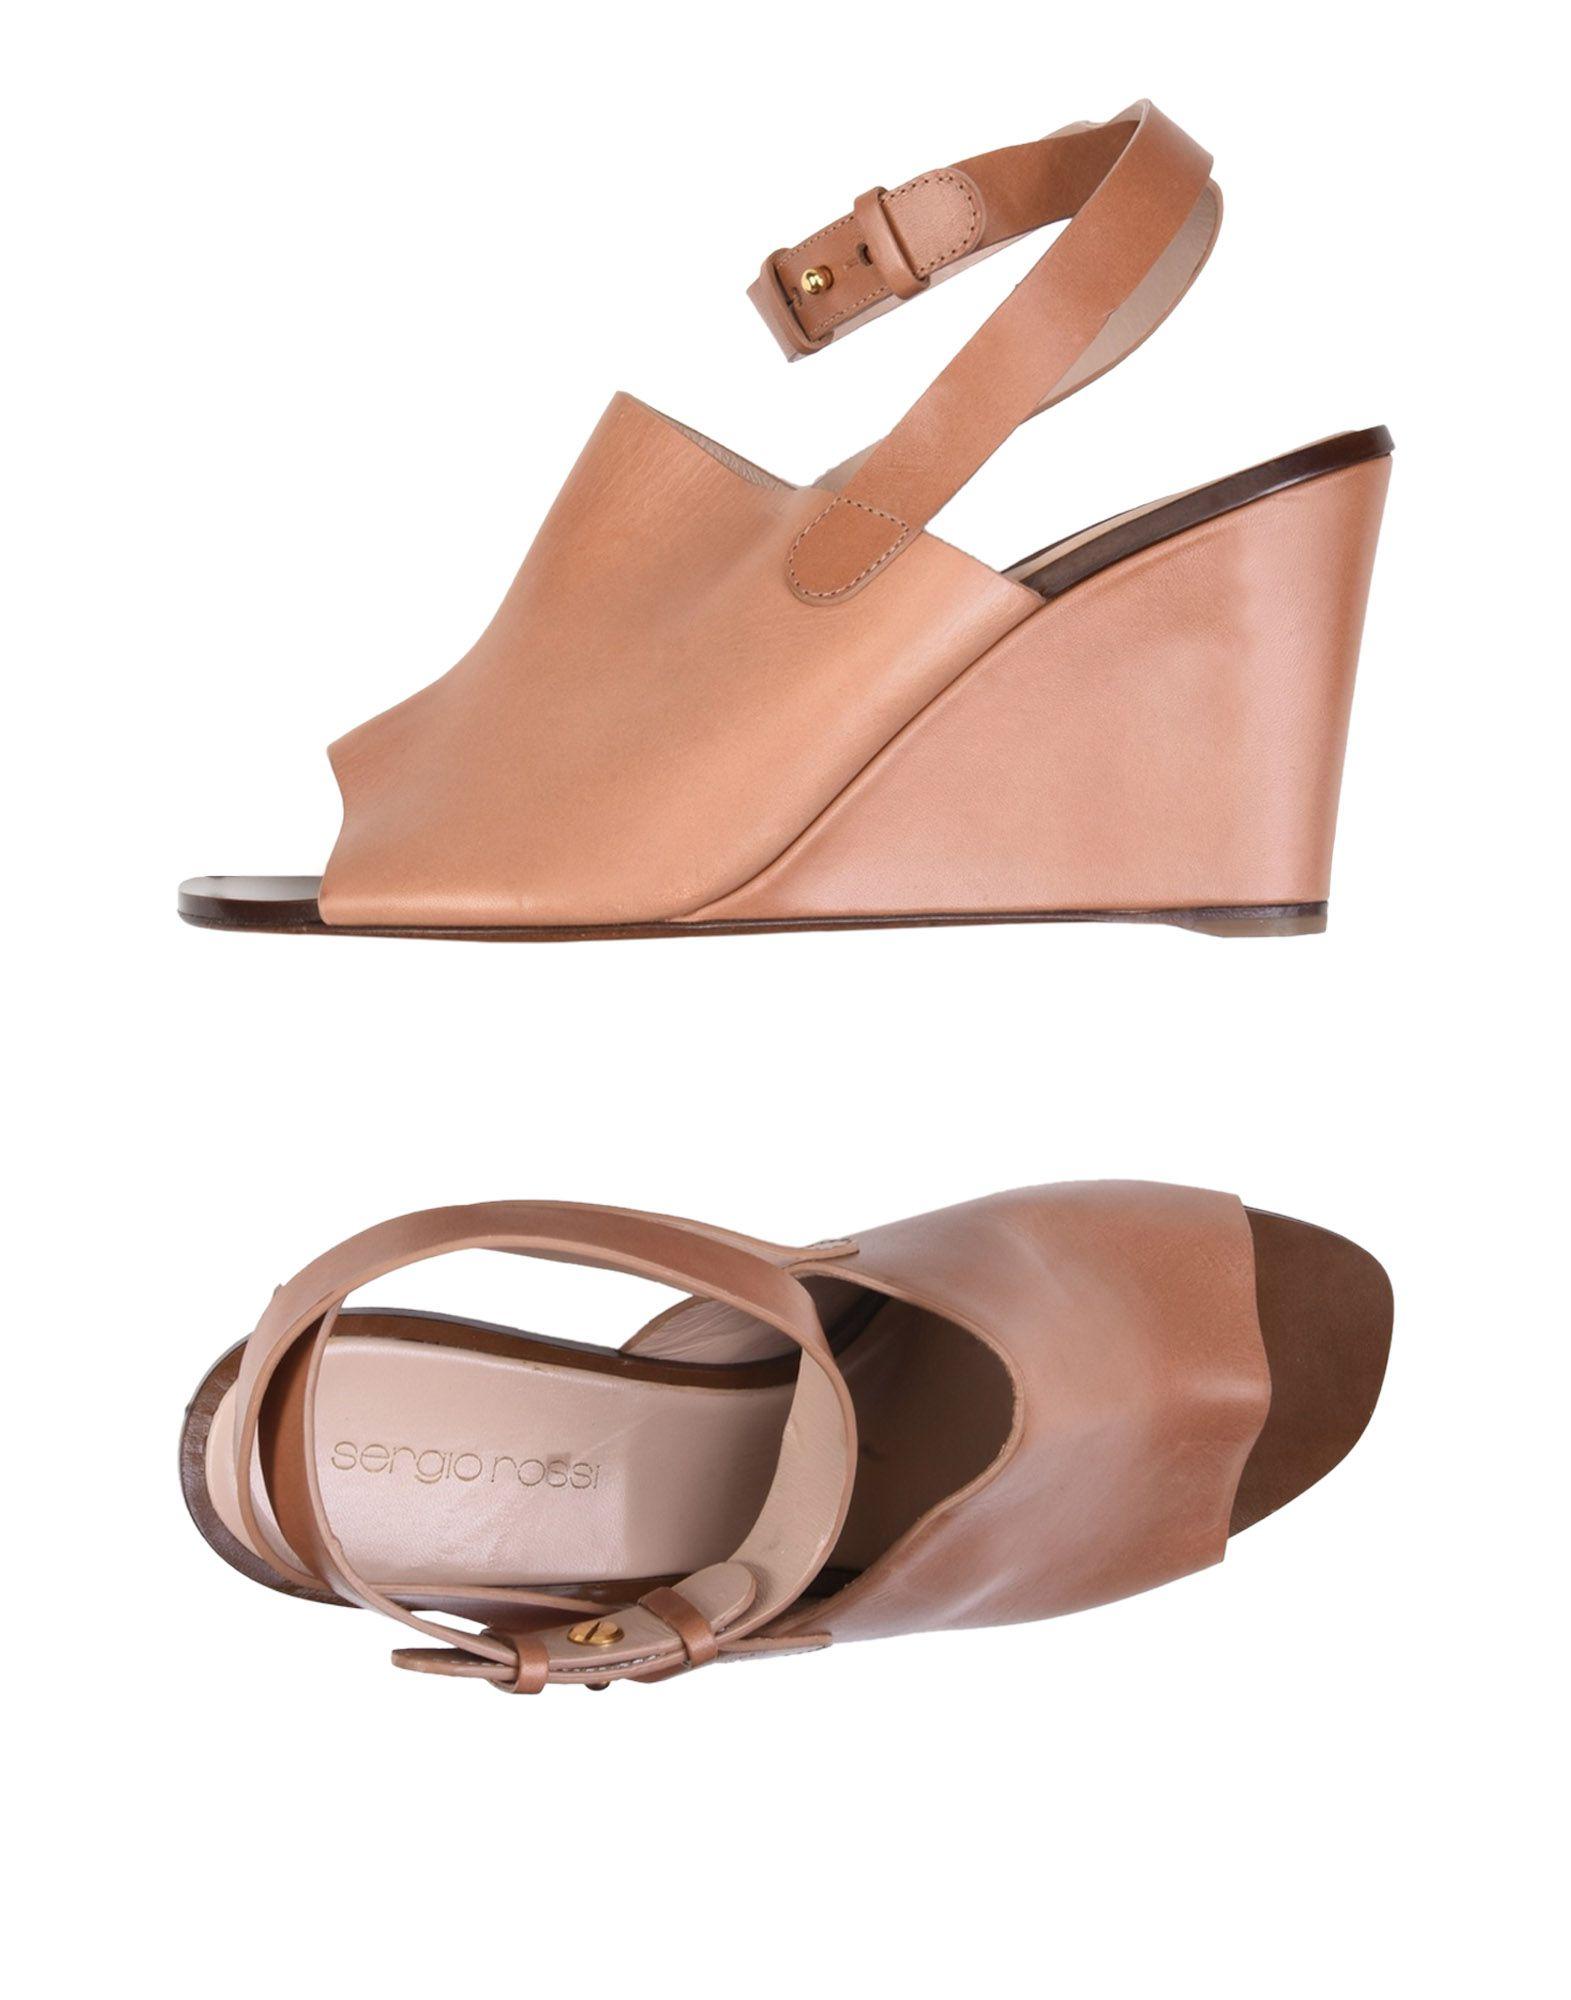 Sergio Rossi Sandalen Damen  11425626RLGut aussehende strapazierfähige Schuhe